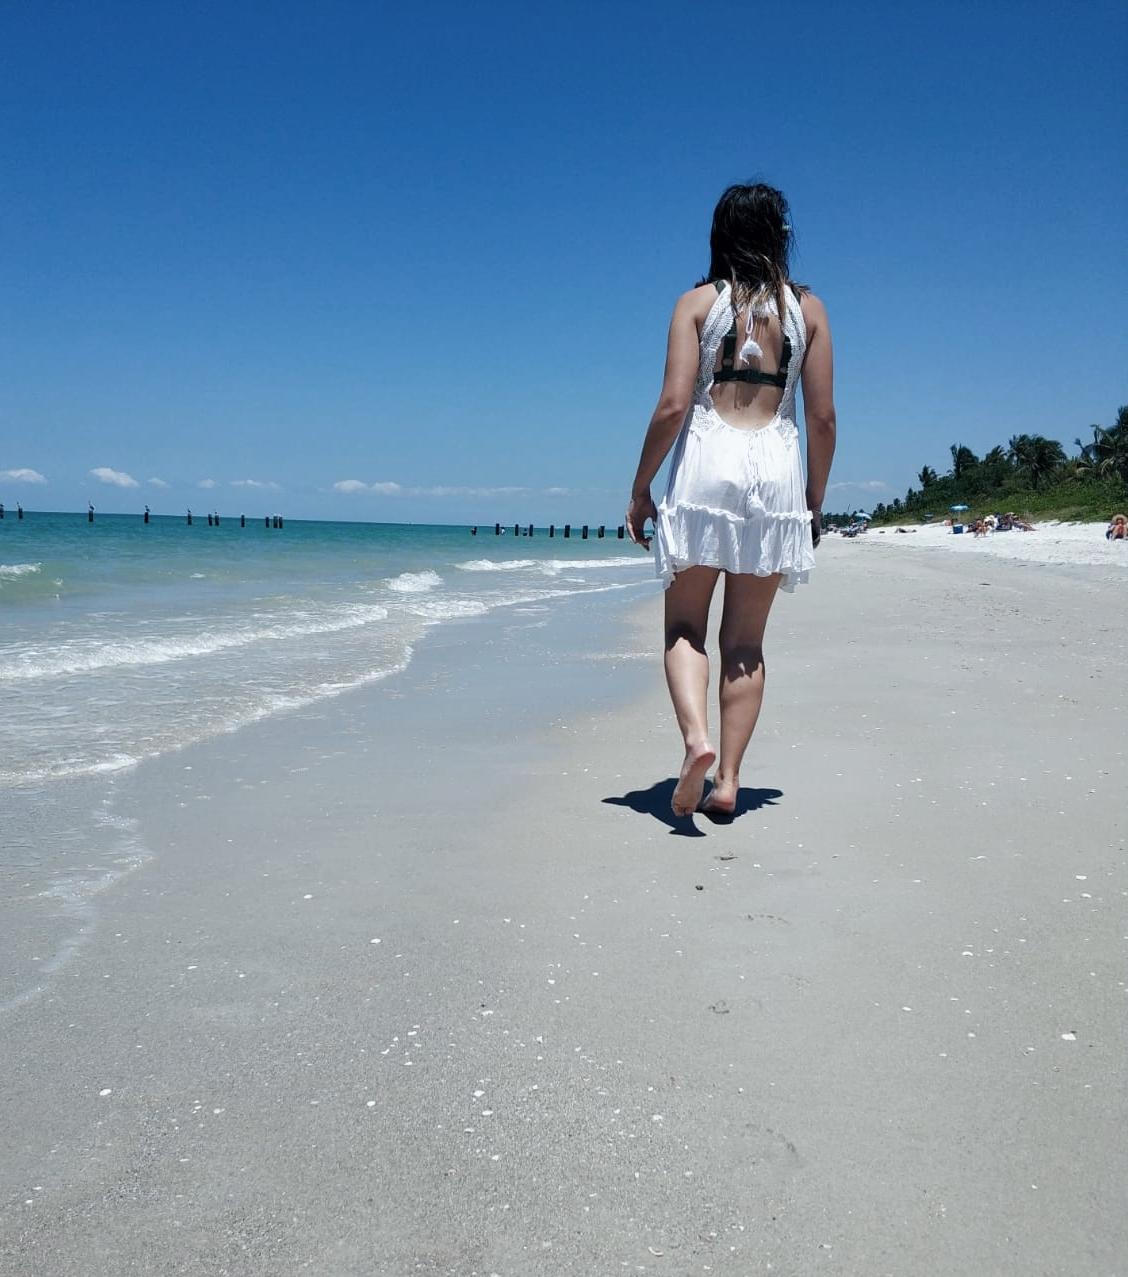 """טיול מחוף לחוף בארה""""ב ביקור בפלורידה אטרקציות"""